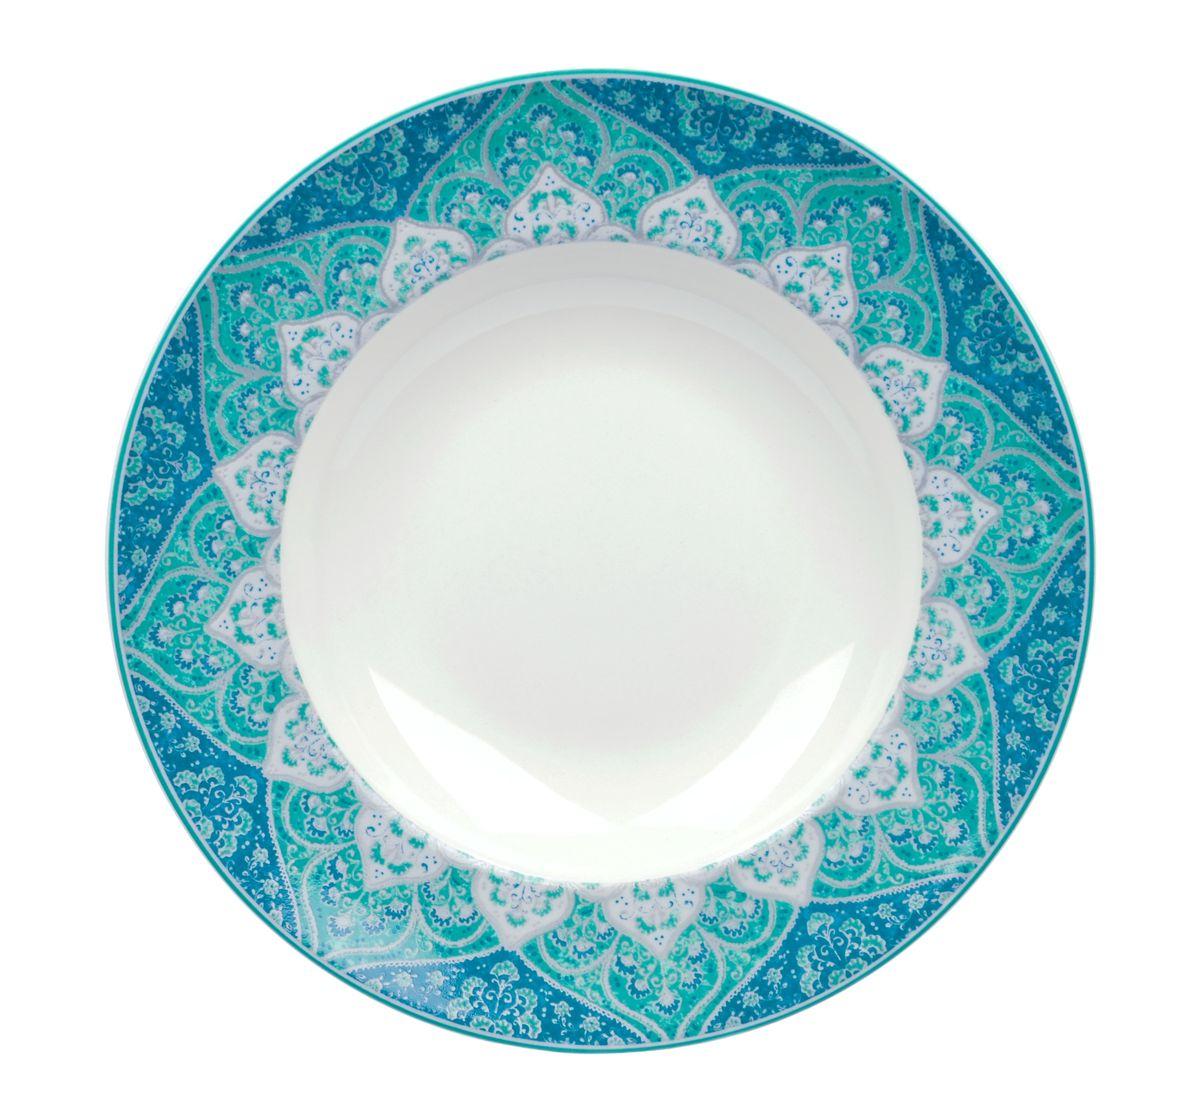 Тарелка глубокая Utana Кашан Блю, диаметр 24 см54 009312Тарелка Utana Кашан Блю изготовлена из высококачественной керамики. Предназначена для подачи супа или салата. Изделие декорировано оригинальным орнаментом. Такая тарелка украсит сервировку стола и подчеркнет прекрасный вкус хозяйки.Можно мыть в посудомоечной машине и использовать в СВЧ. Диаметр: 24 см.Высота: 4,5 см.